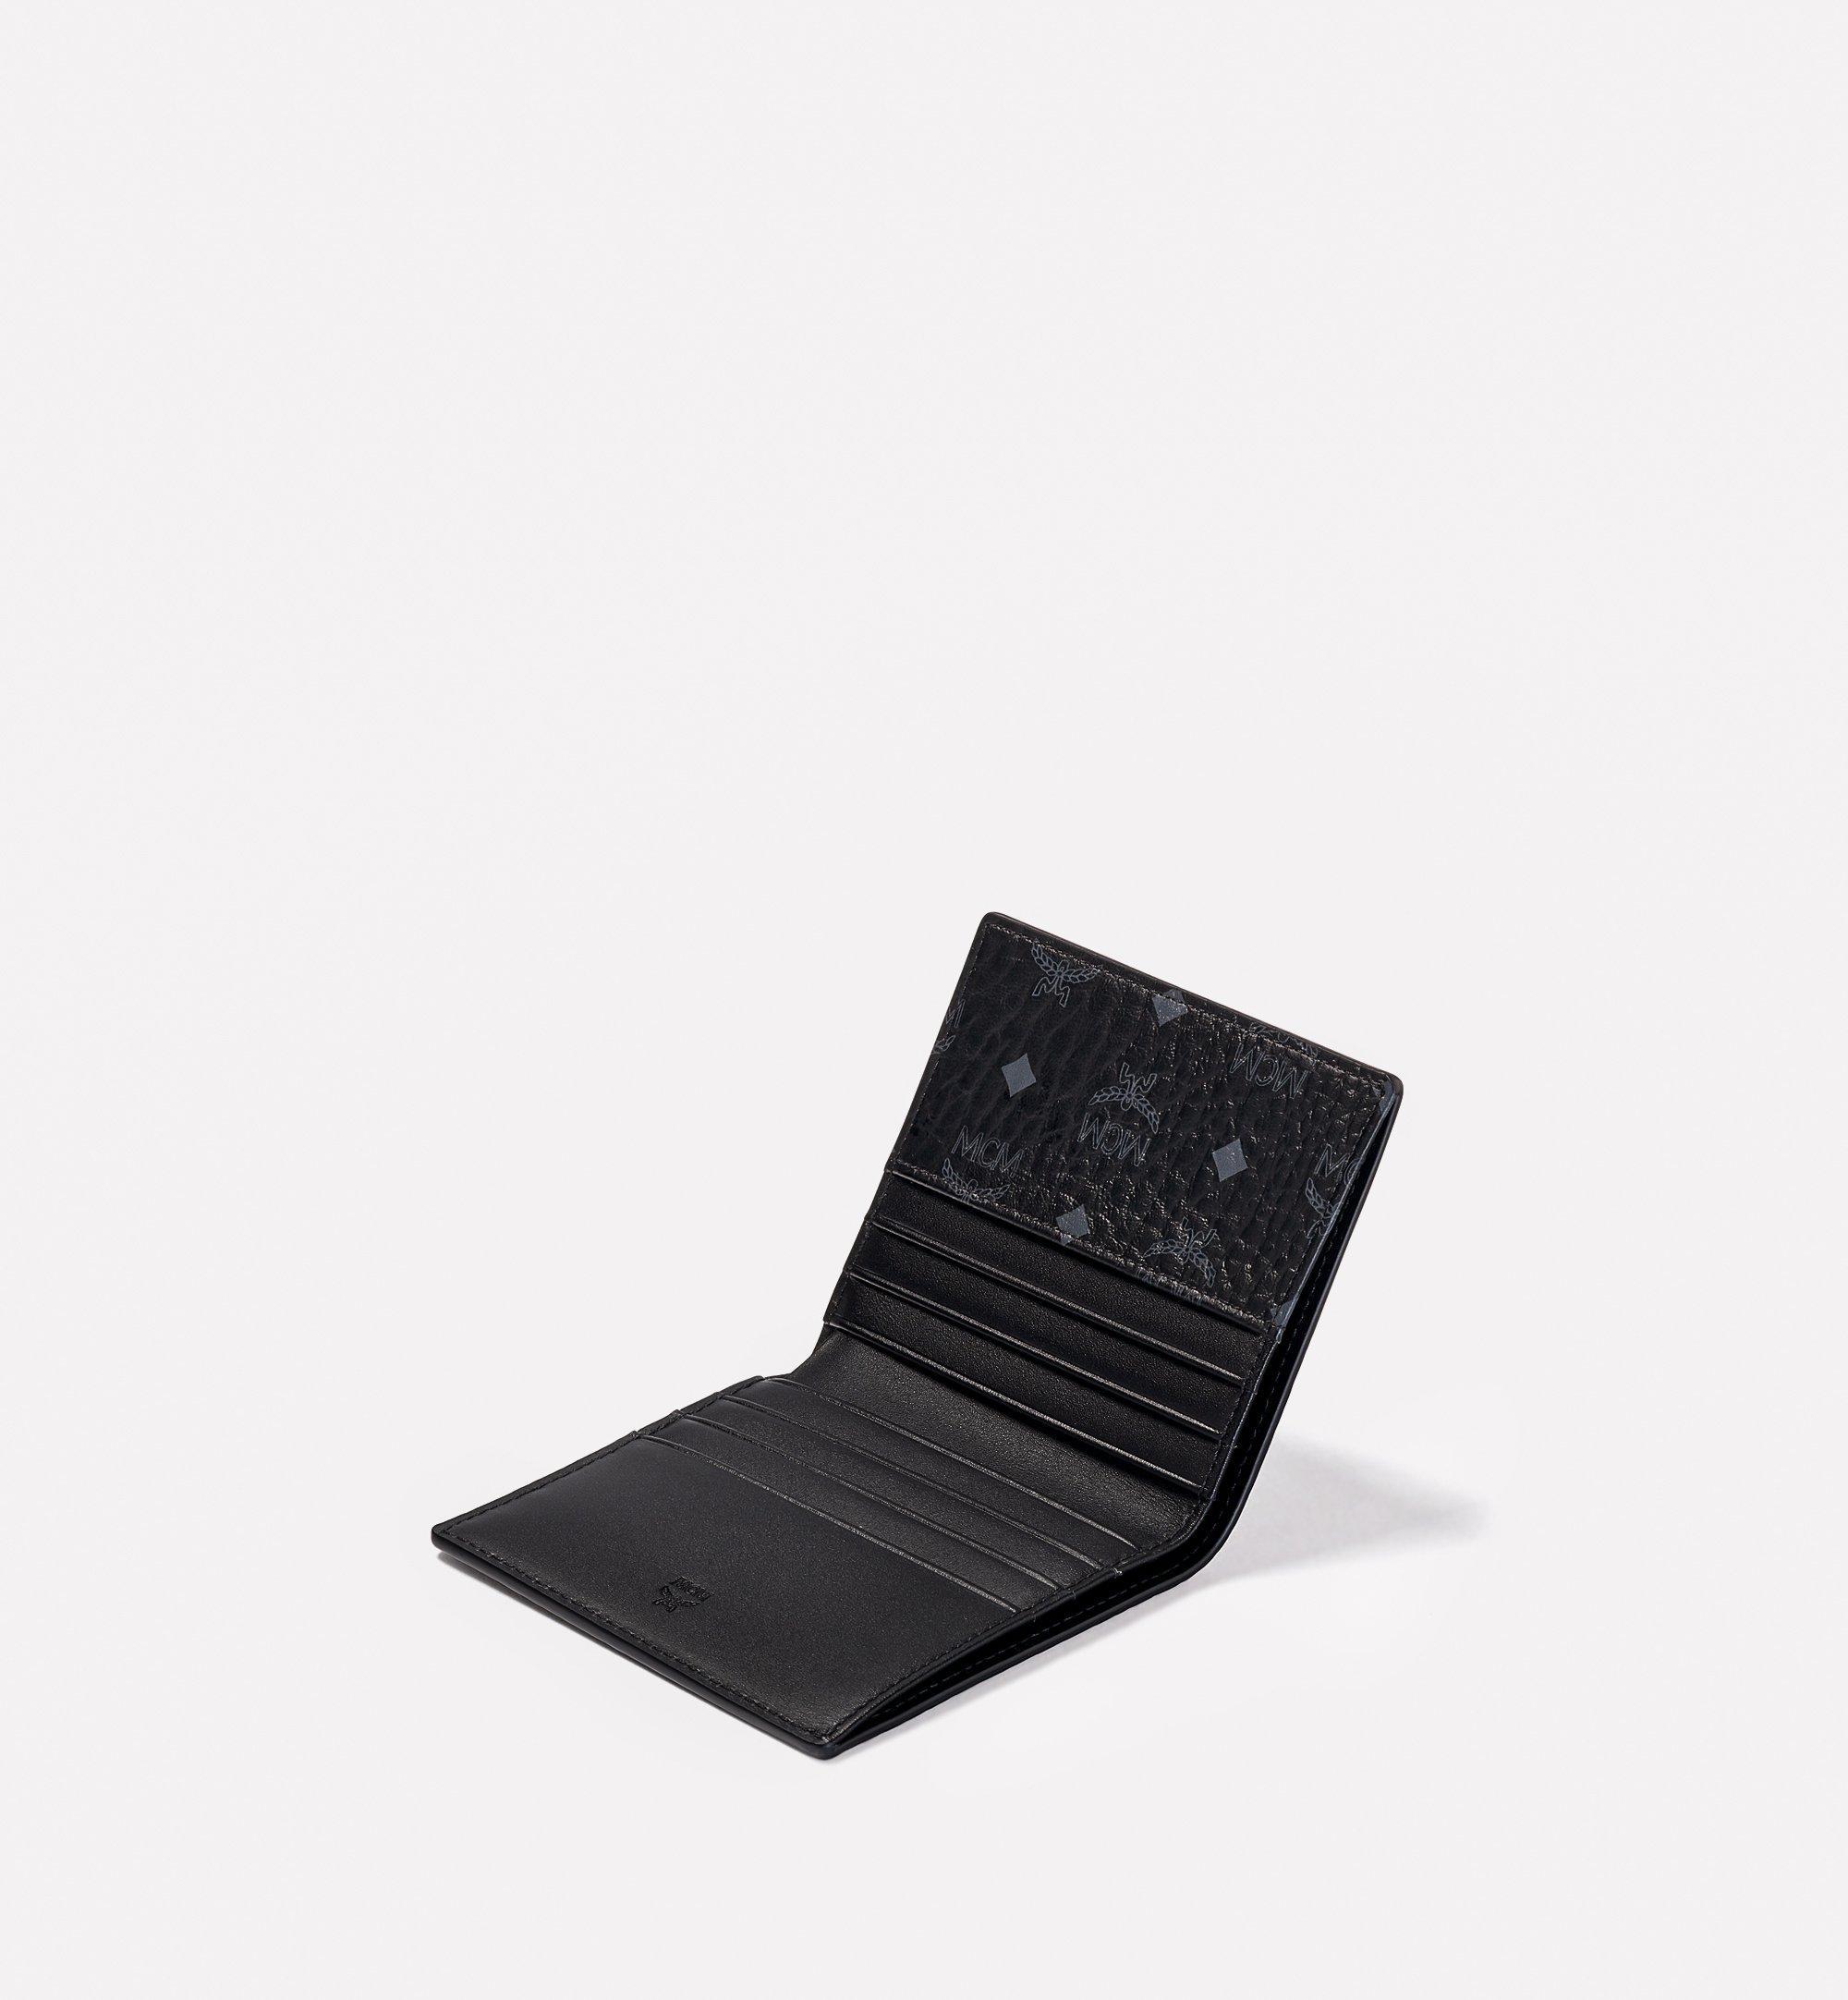 MCM 〈ヴィセトス オリジナル〉二つ折り カードウォレット Black MXABSVI01BK001 ほかの角度から見る 1